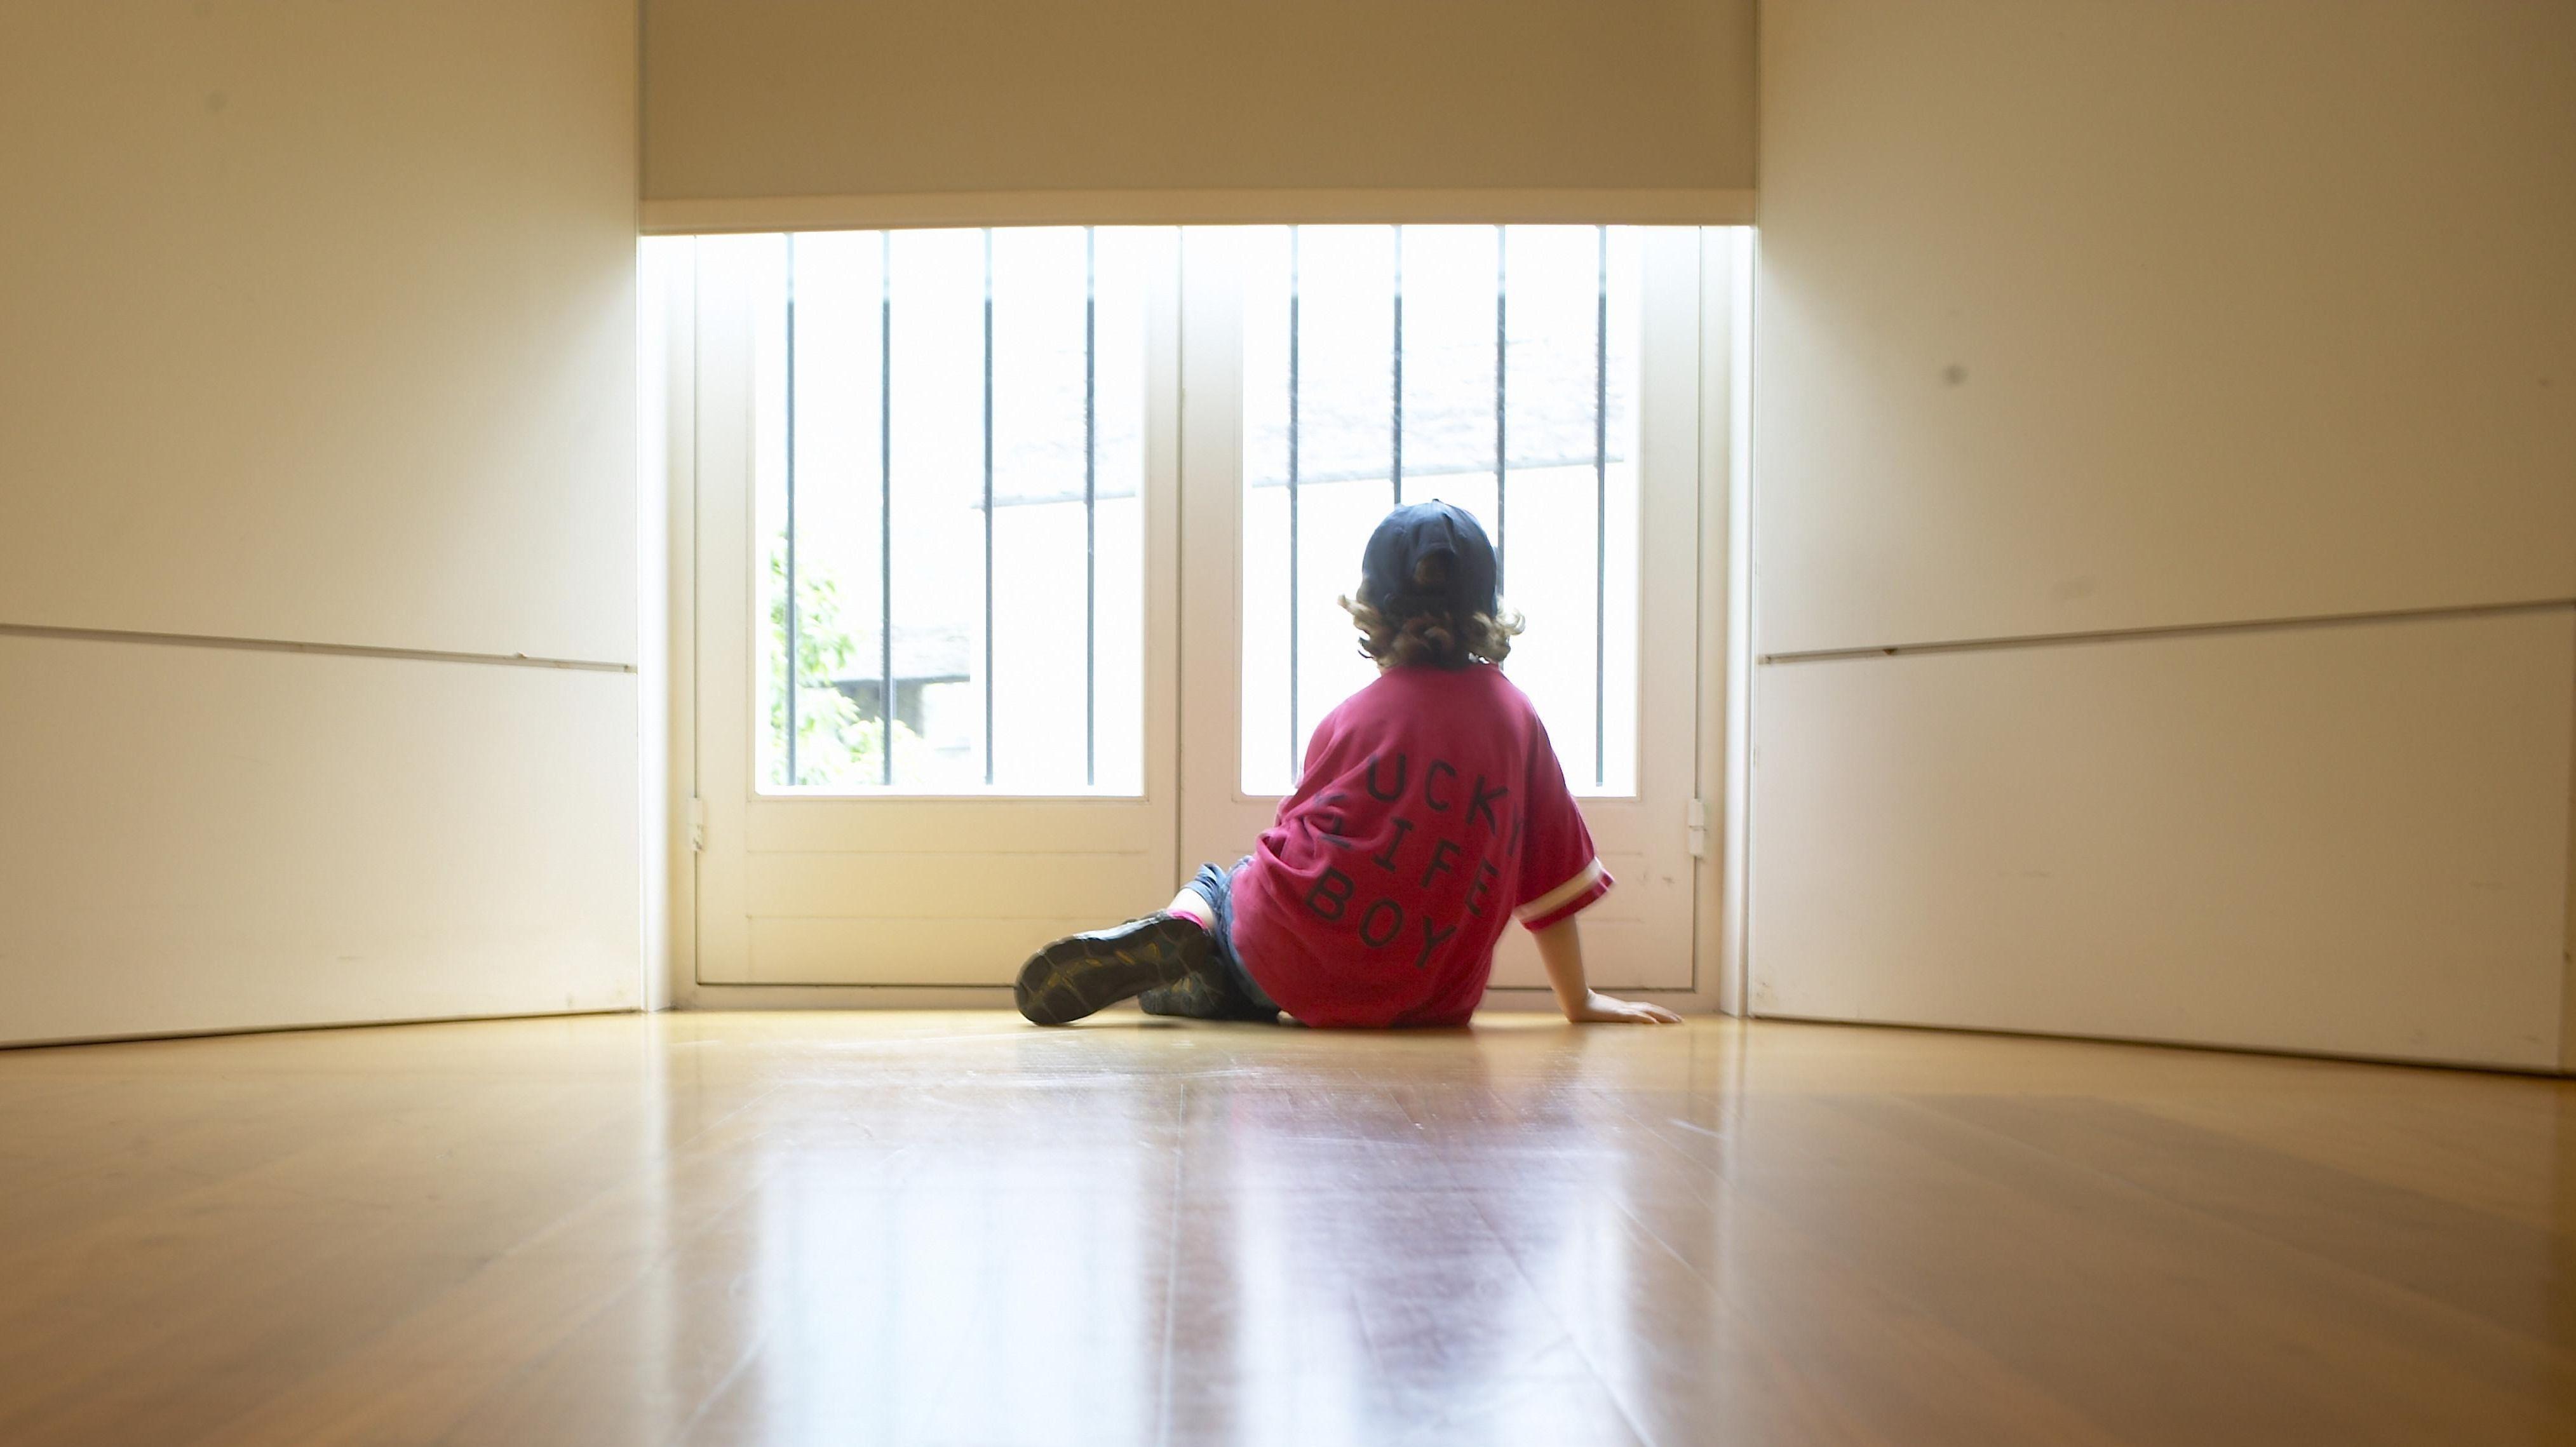 Junge sieht zu einer Glastüre hinaus